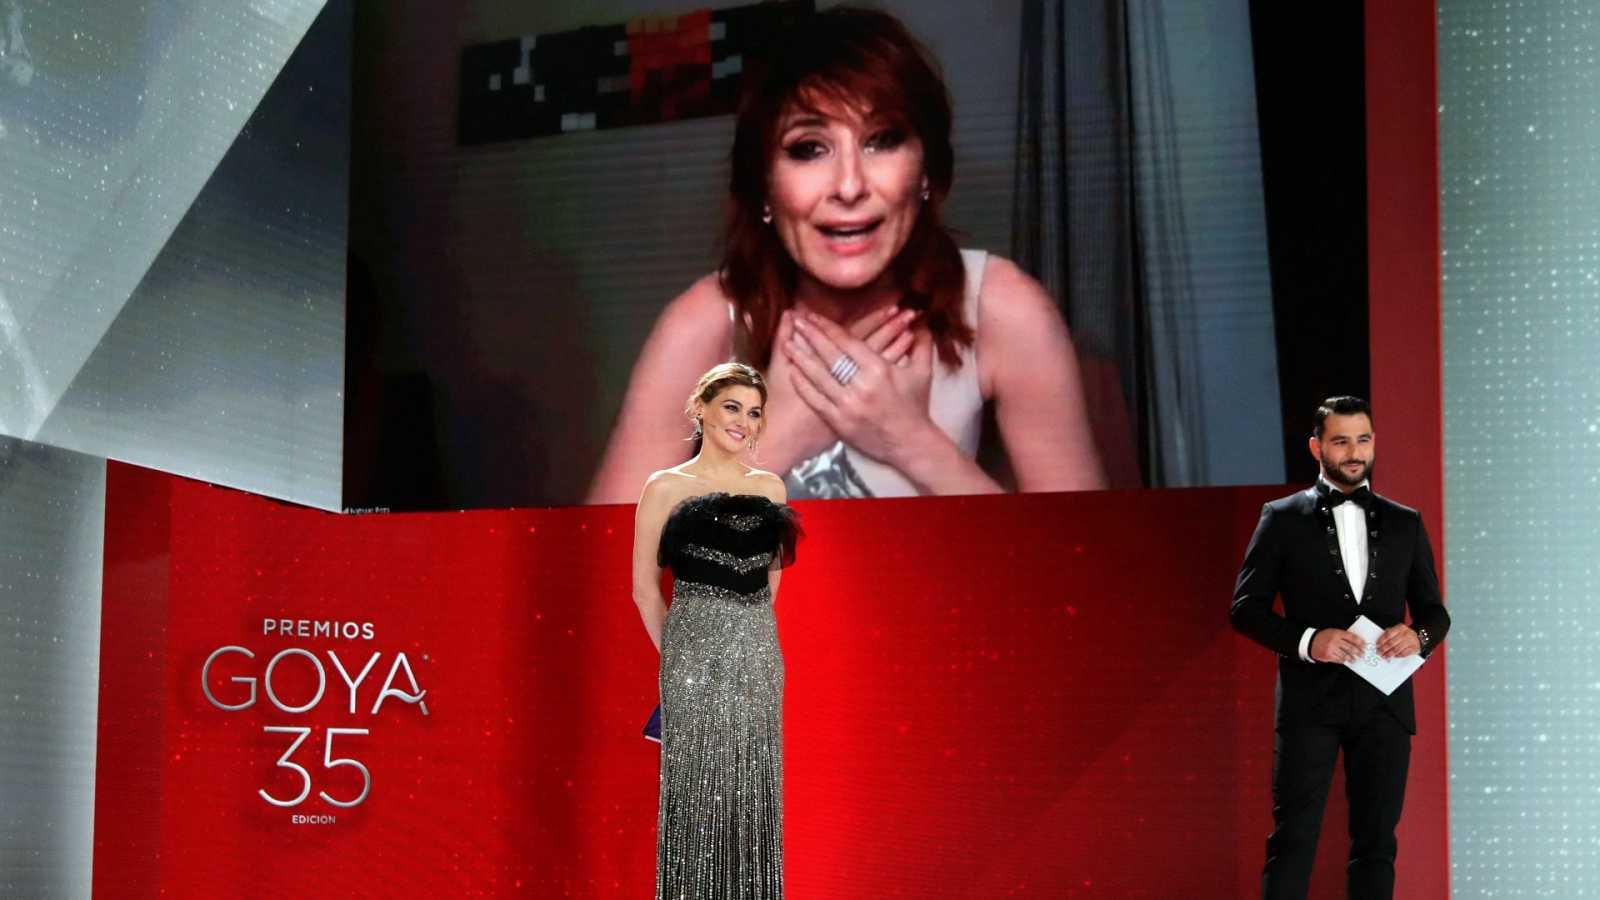 """Nathalie Poza, mejor actriz de reparto, dedica su Goya a """"mi madre. que hace mucho que no la abrazo"""""""